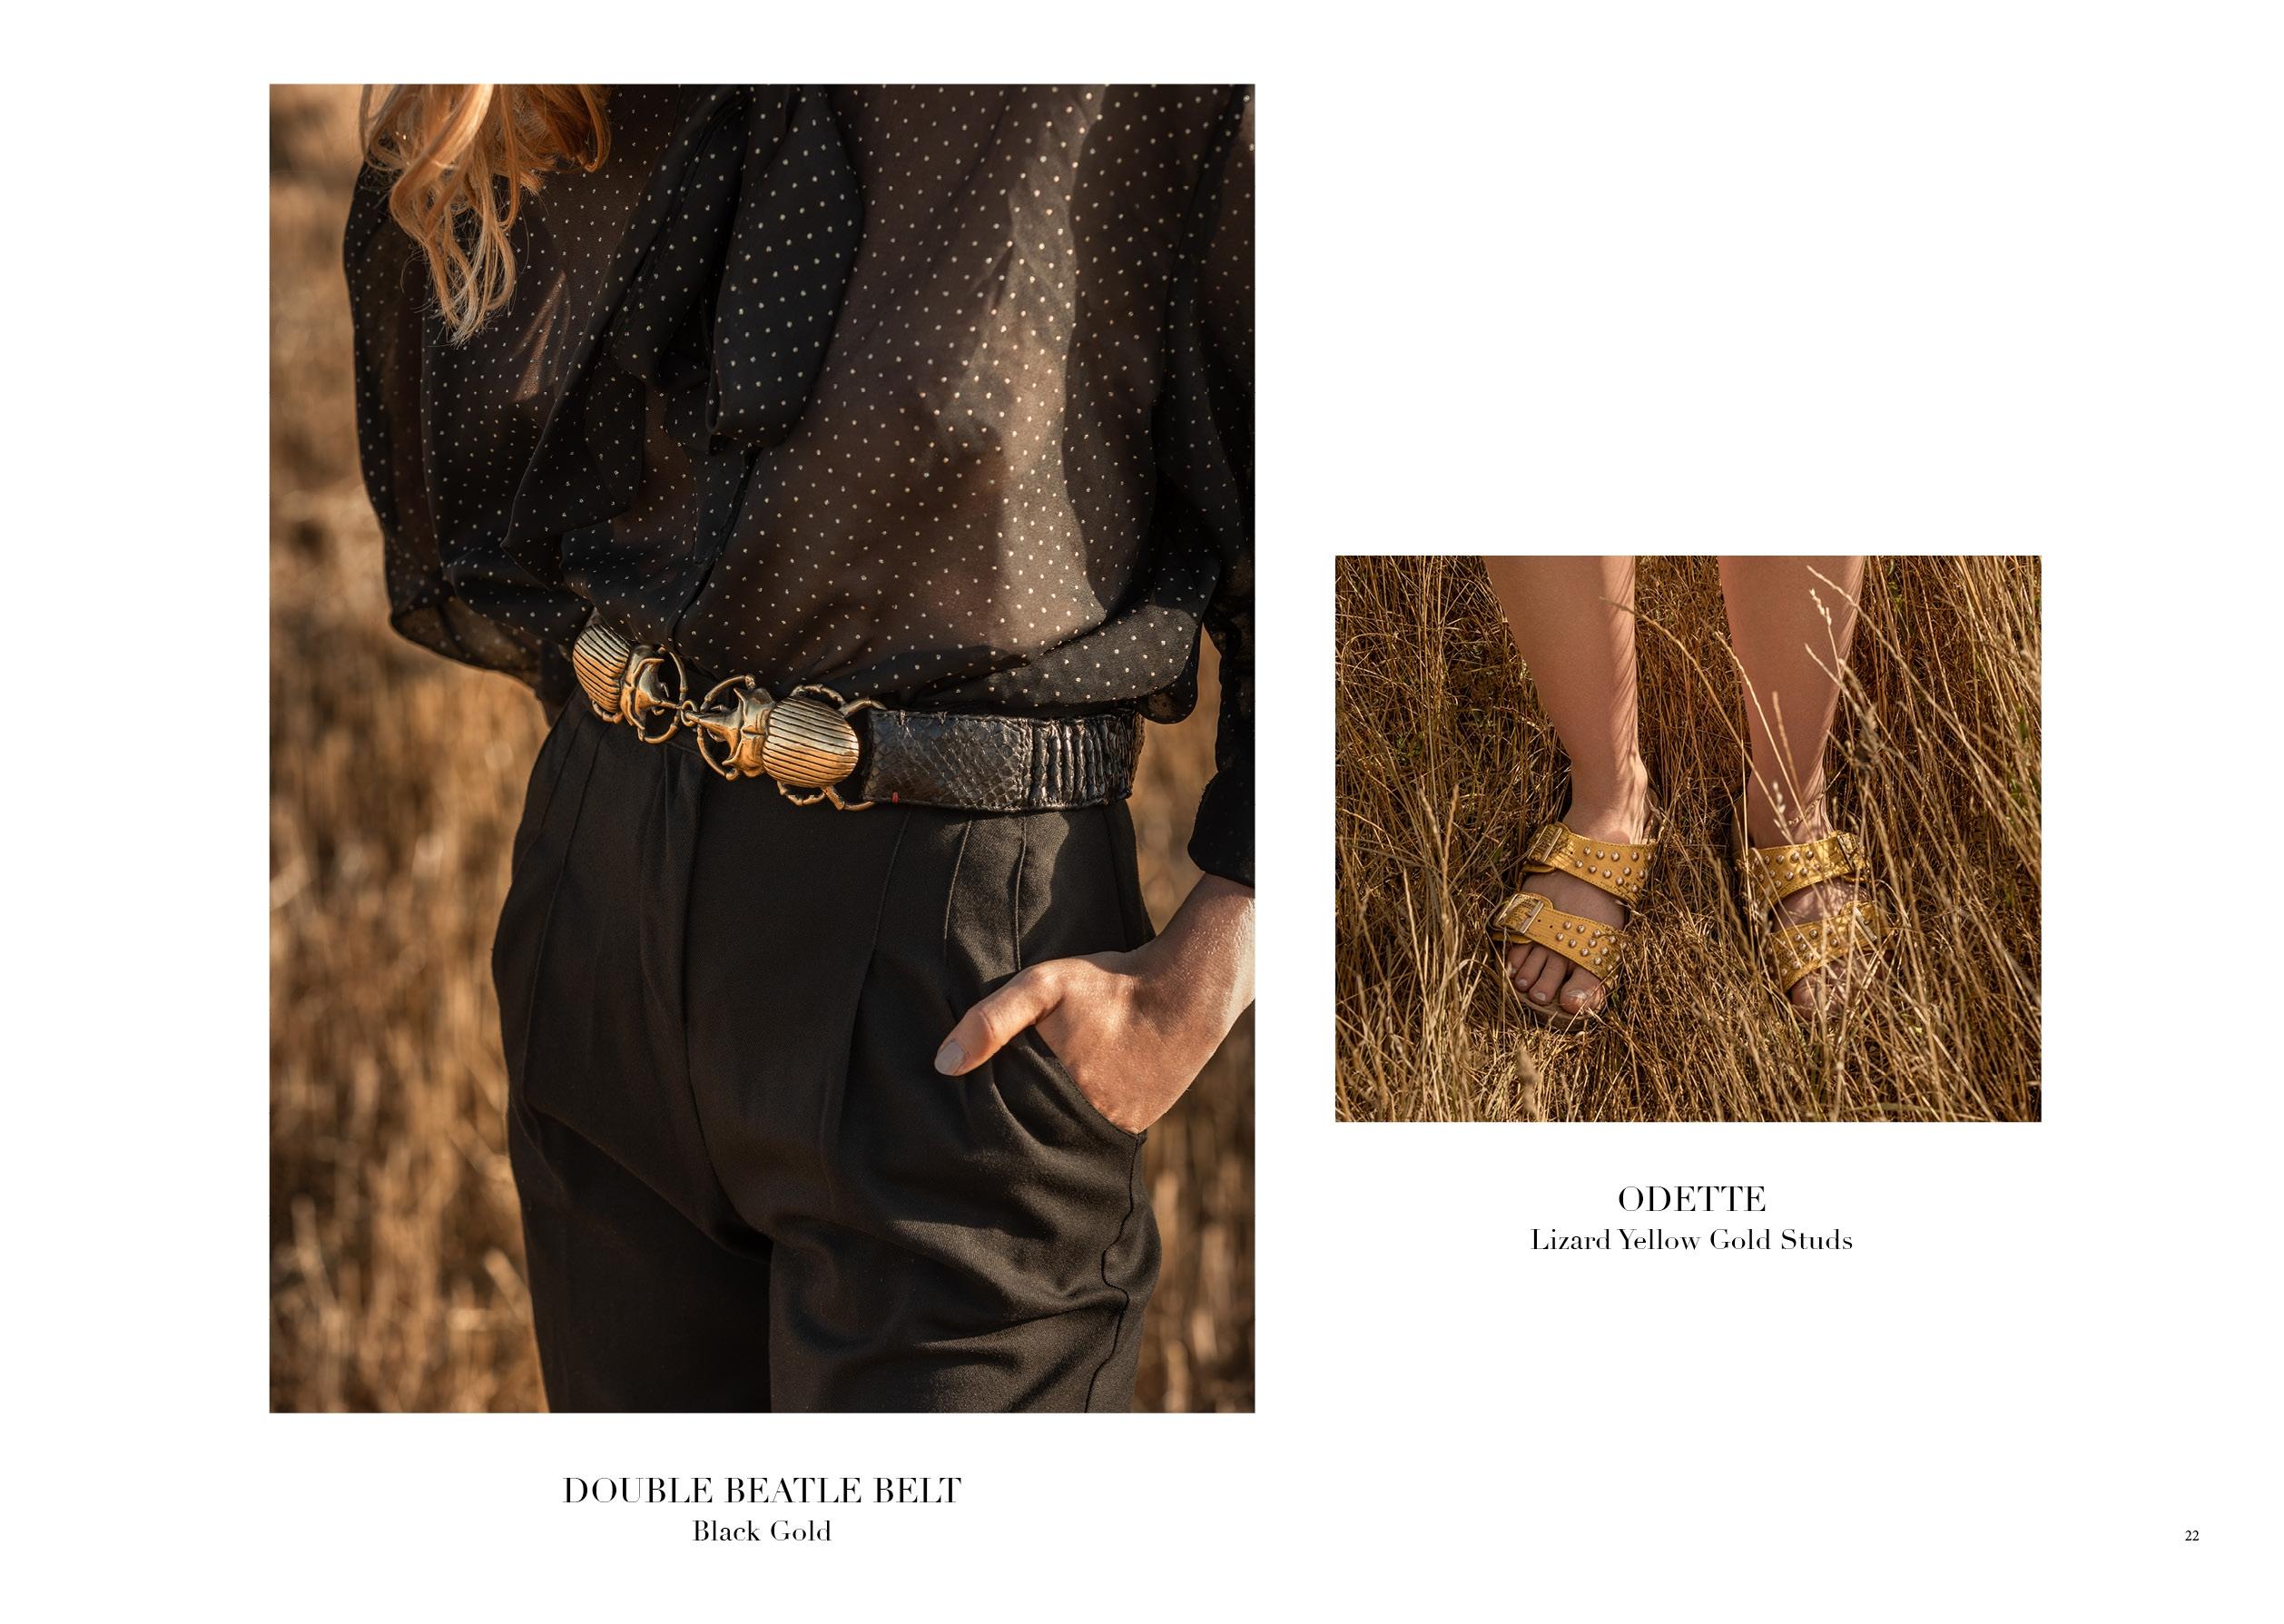 DOUBLE BEETLE BELT BLACK GOLD & ODETTE LIZARD YELLOW